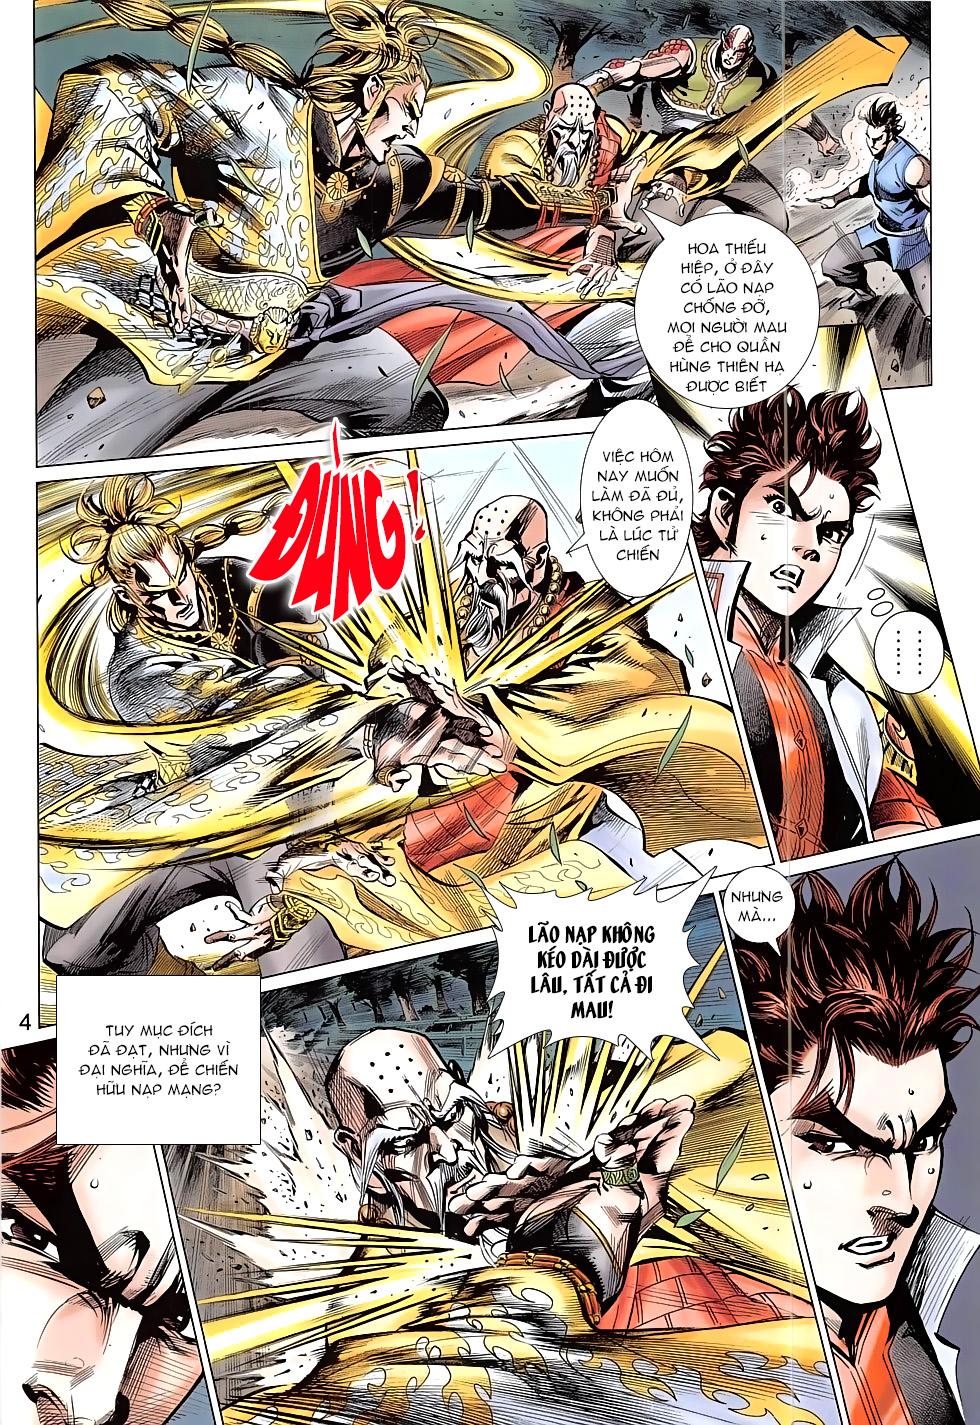 Thần Chưởng trang 4